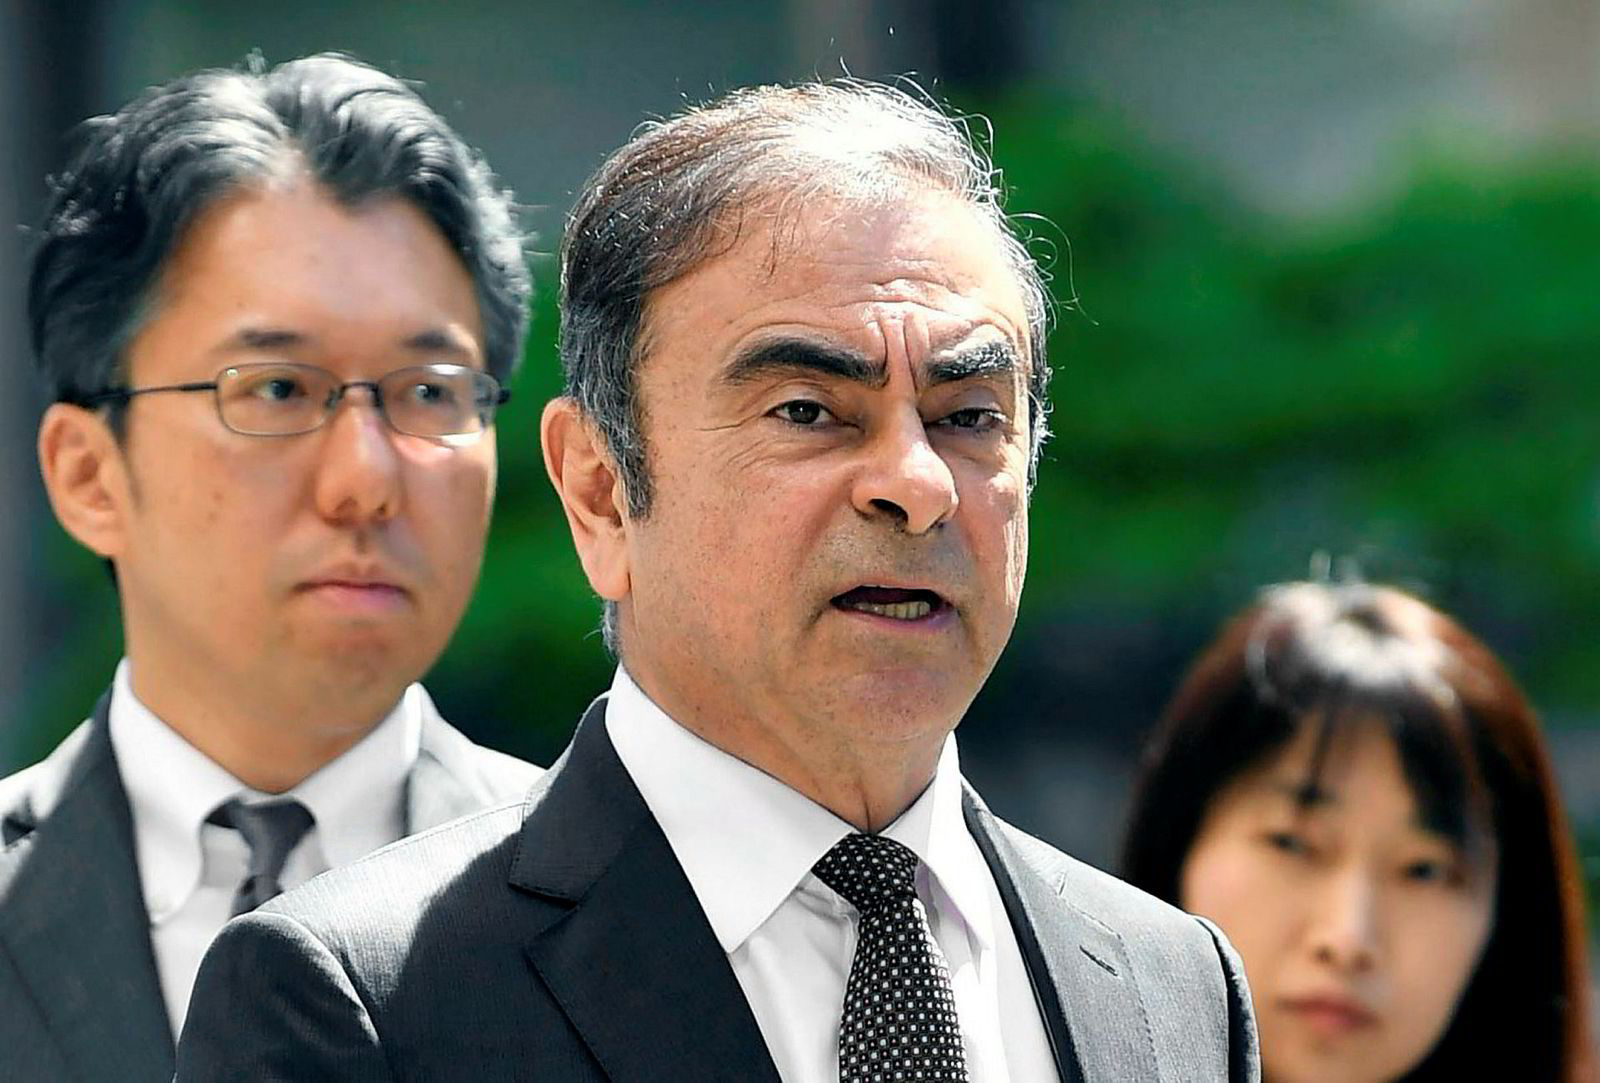 Renault leder en allianse med Nissan og Mitsubishi, og har forsøkt å fusjonere med Nissan. Arrestasjonen av den tidligere toppsjefen Carlos Ghosn har lagt hindringer i veien for planene.